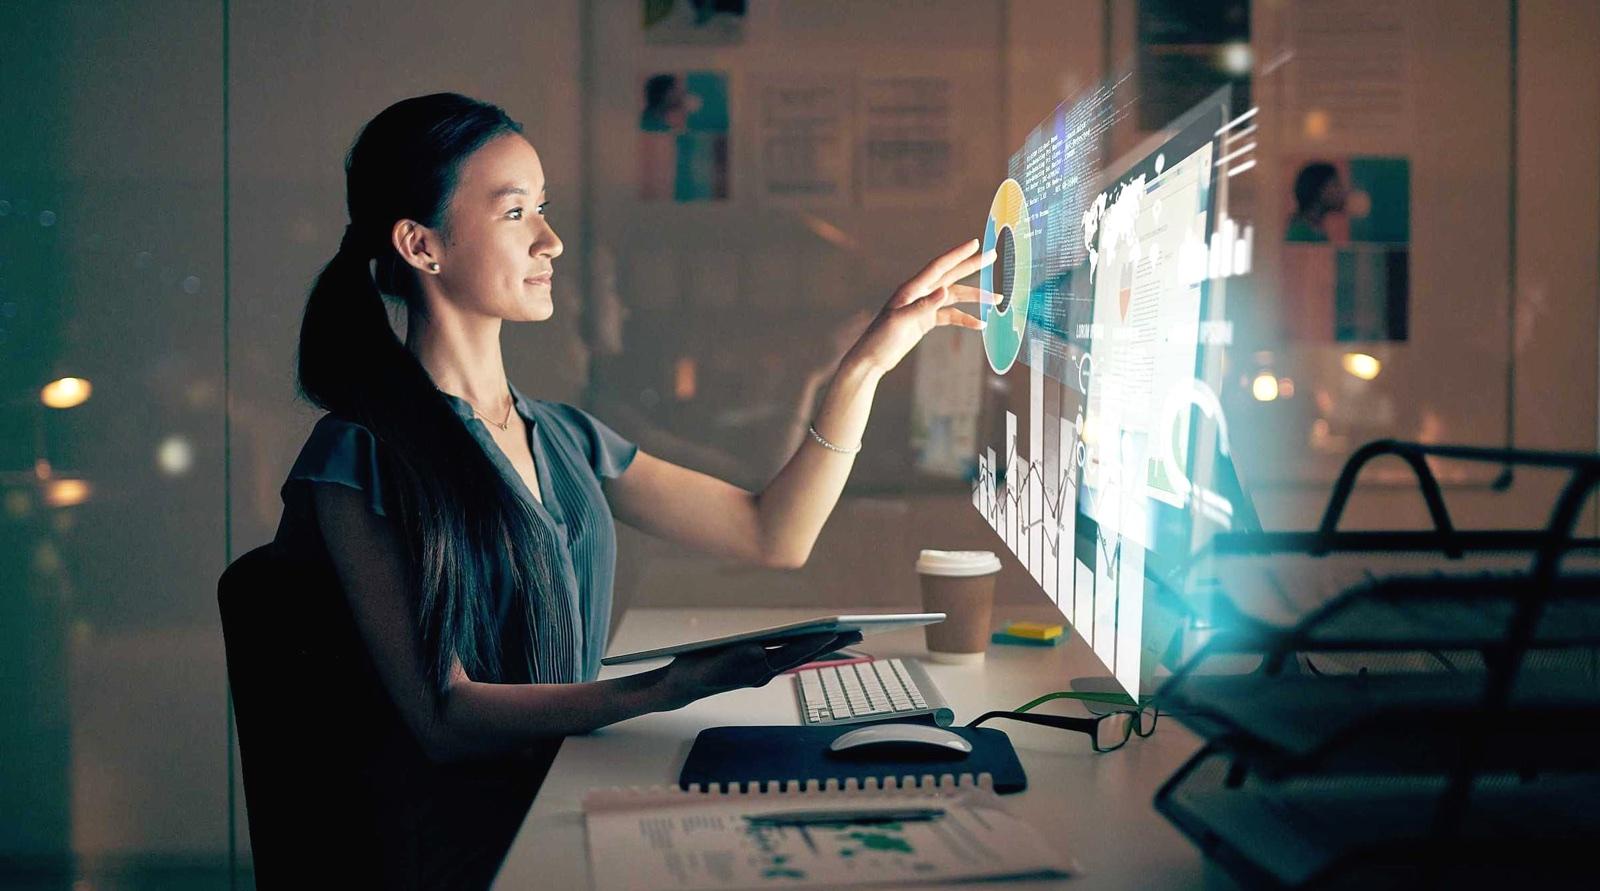 Data Science, la IA al servicio del análisis e informes de datos